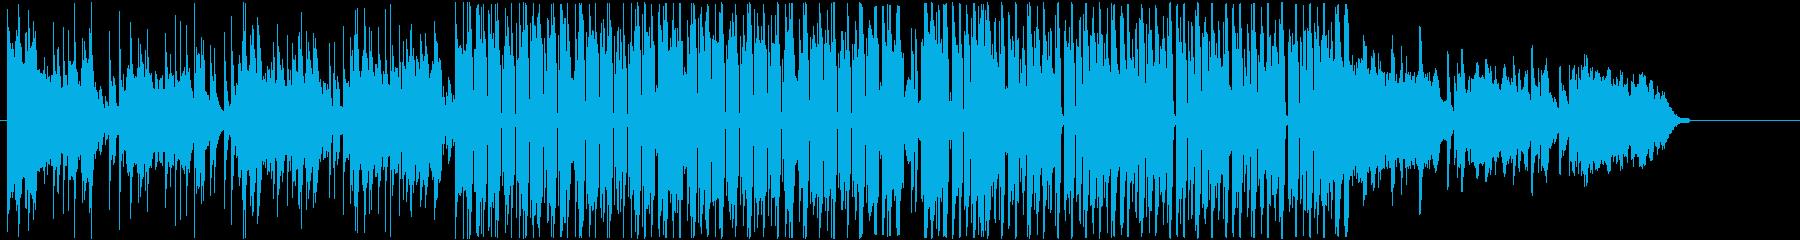 1分ver、楽しい、ファンキー、ジャズの再生済みの波形